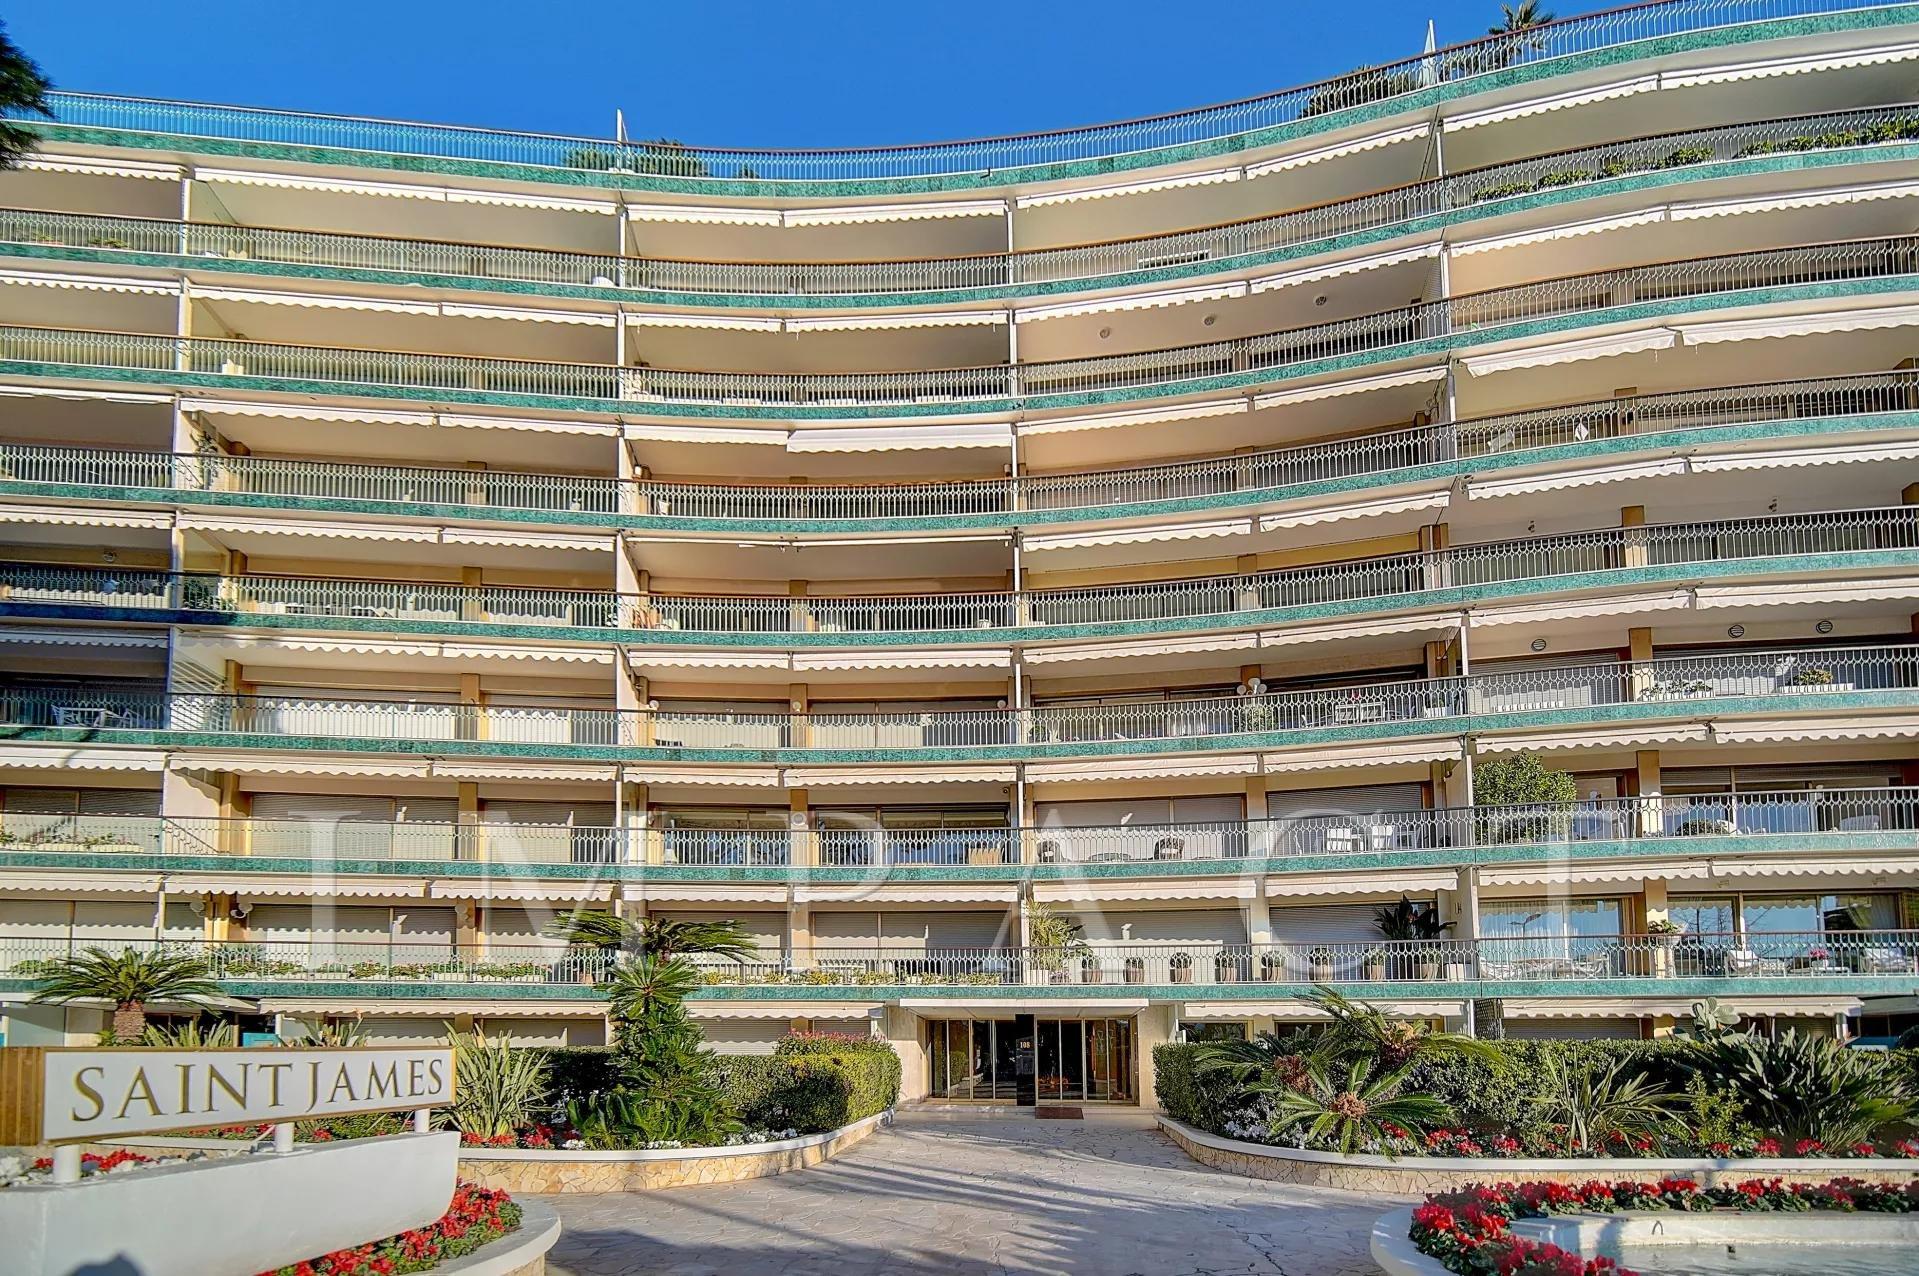 Appartement 3 chambres location saisonnière - Port Canto